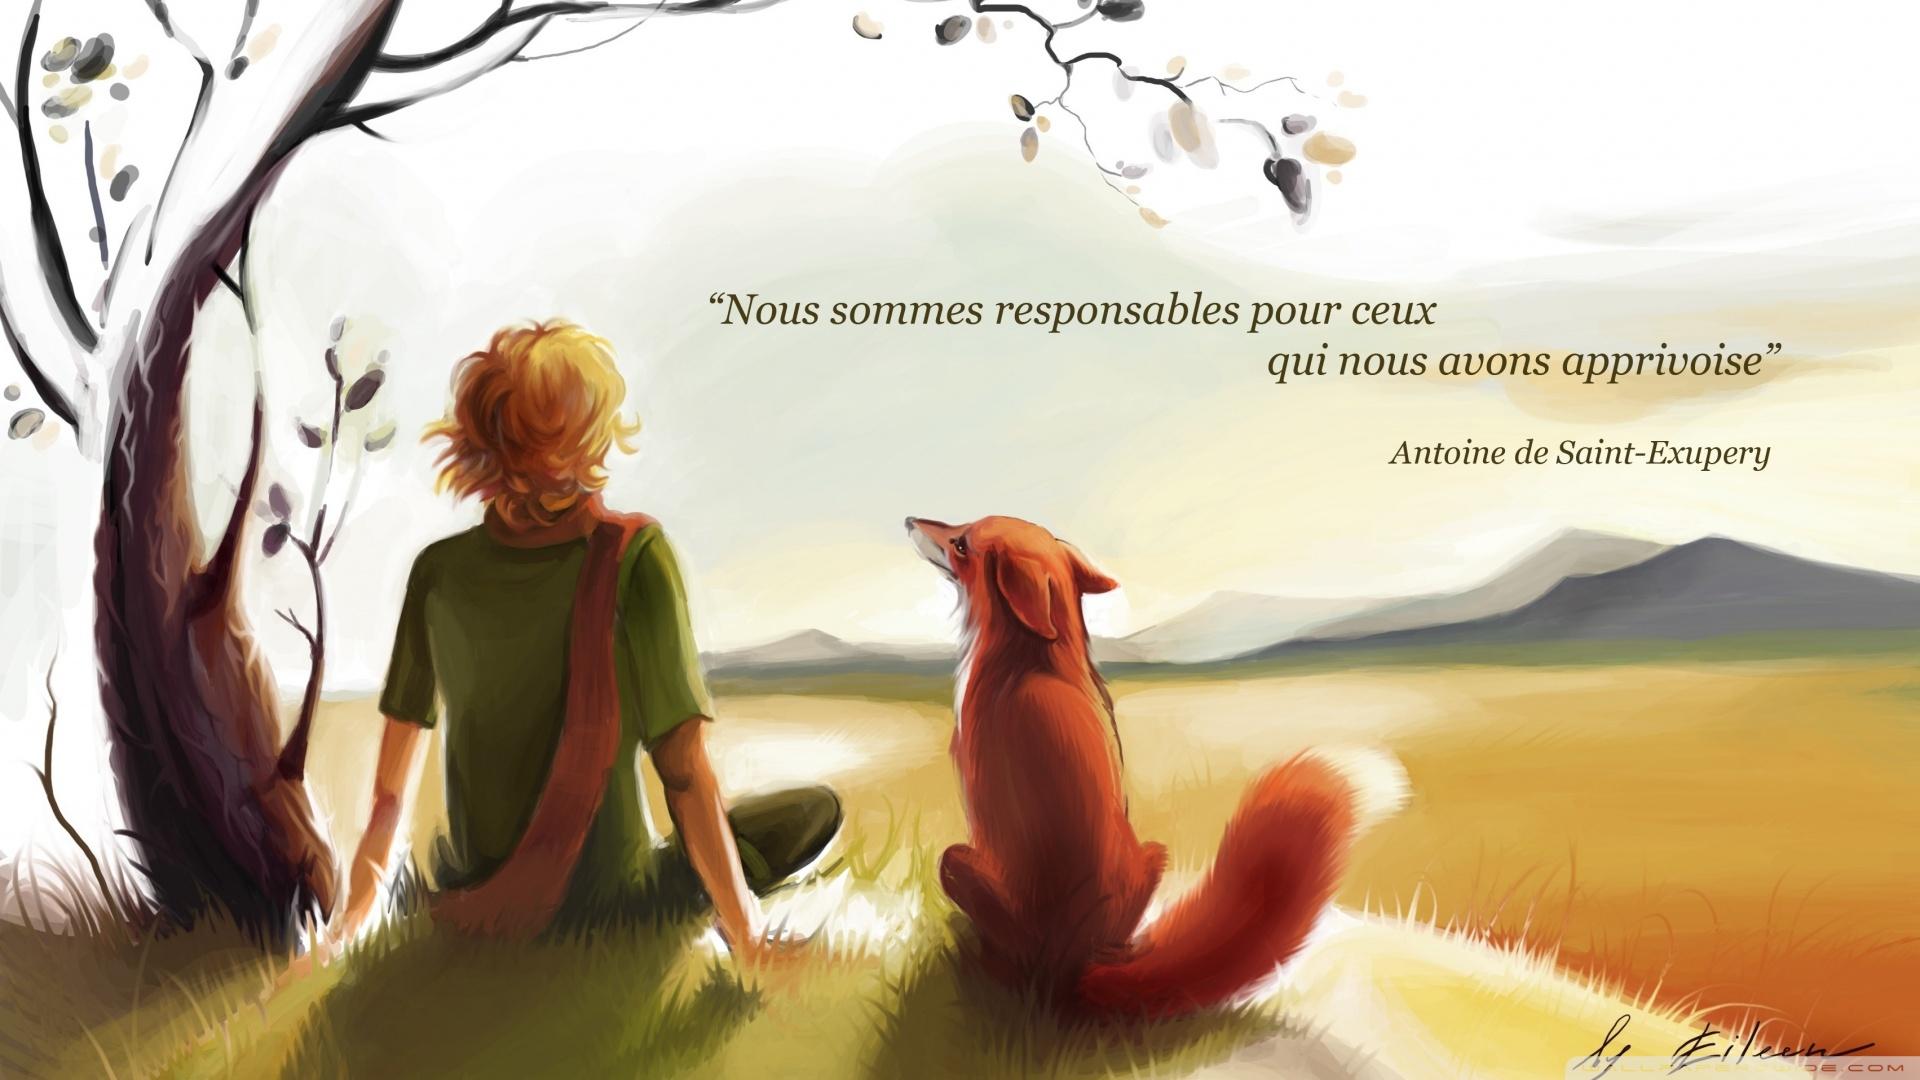 Here Is My Secret Antoine De Saint Exupery: Antoine De Saint-Exupery's Quotes, Famous And Not Much